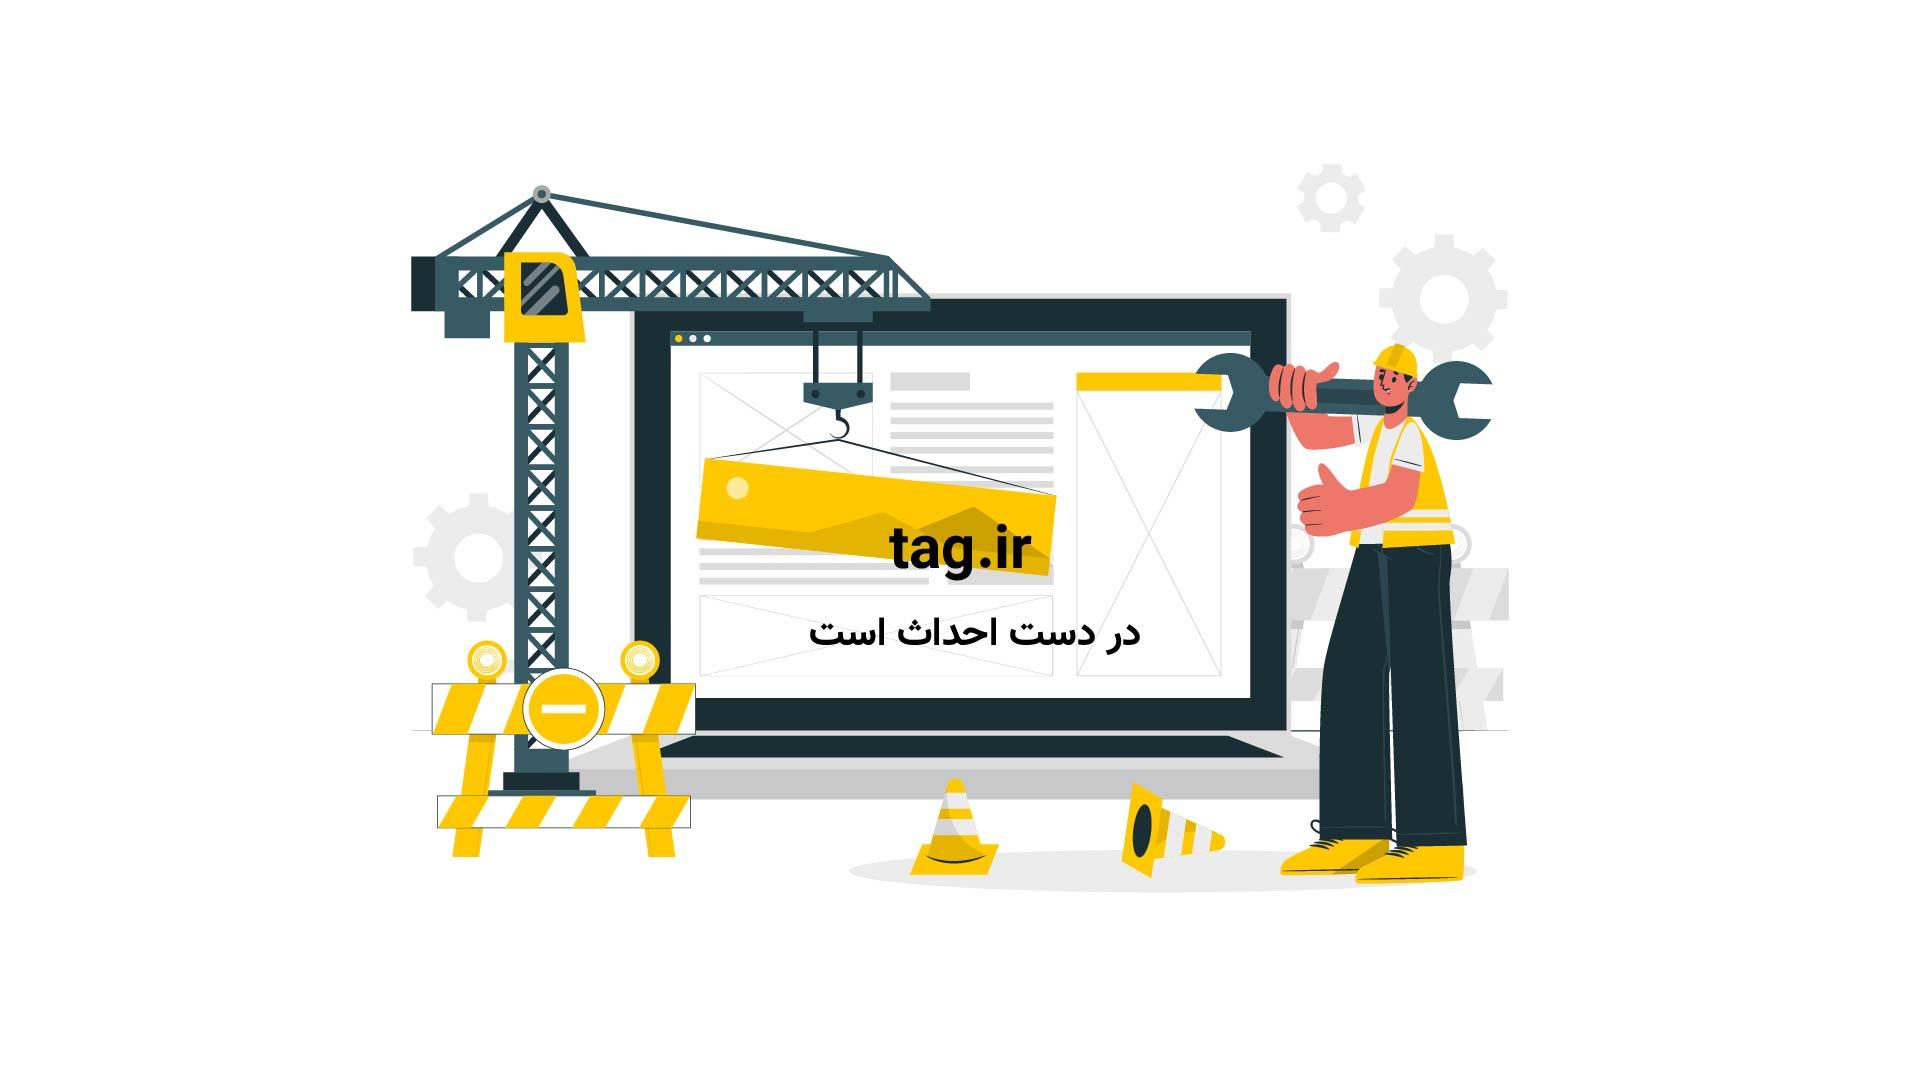 سقوط جنگنده روسی از روی ناو کوزنتسف به دریا | فیلم